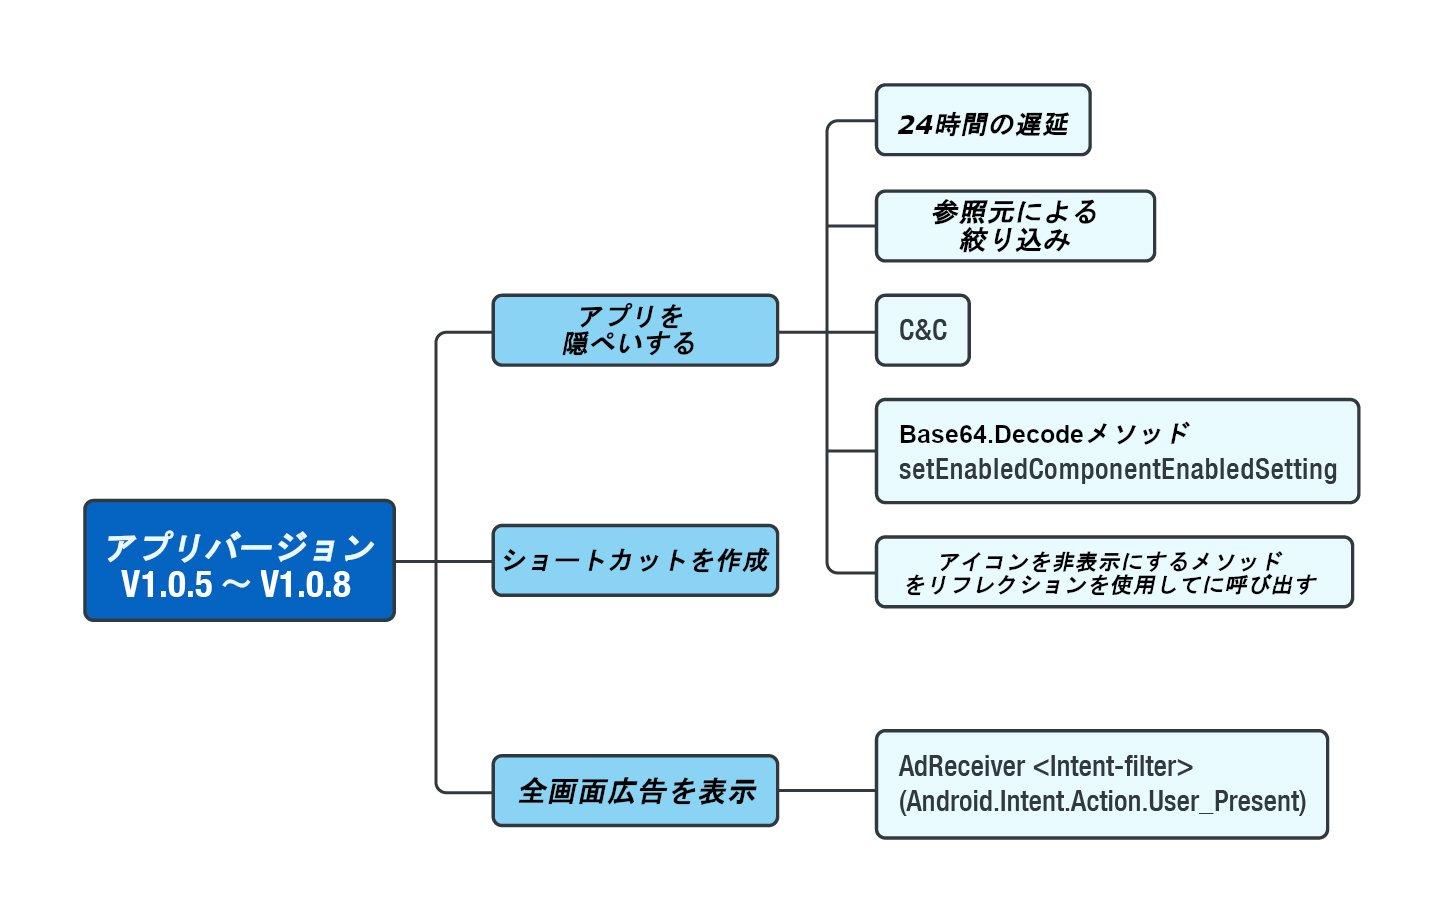 図9:アドウェア活動の最新バージョンで利用されている手法